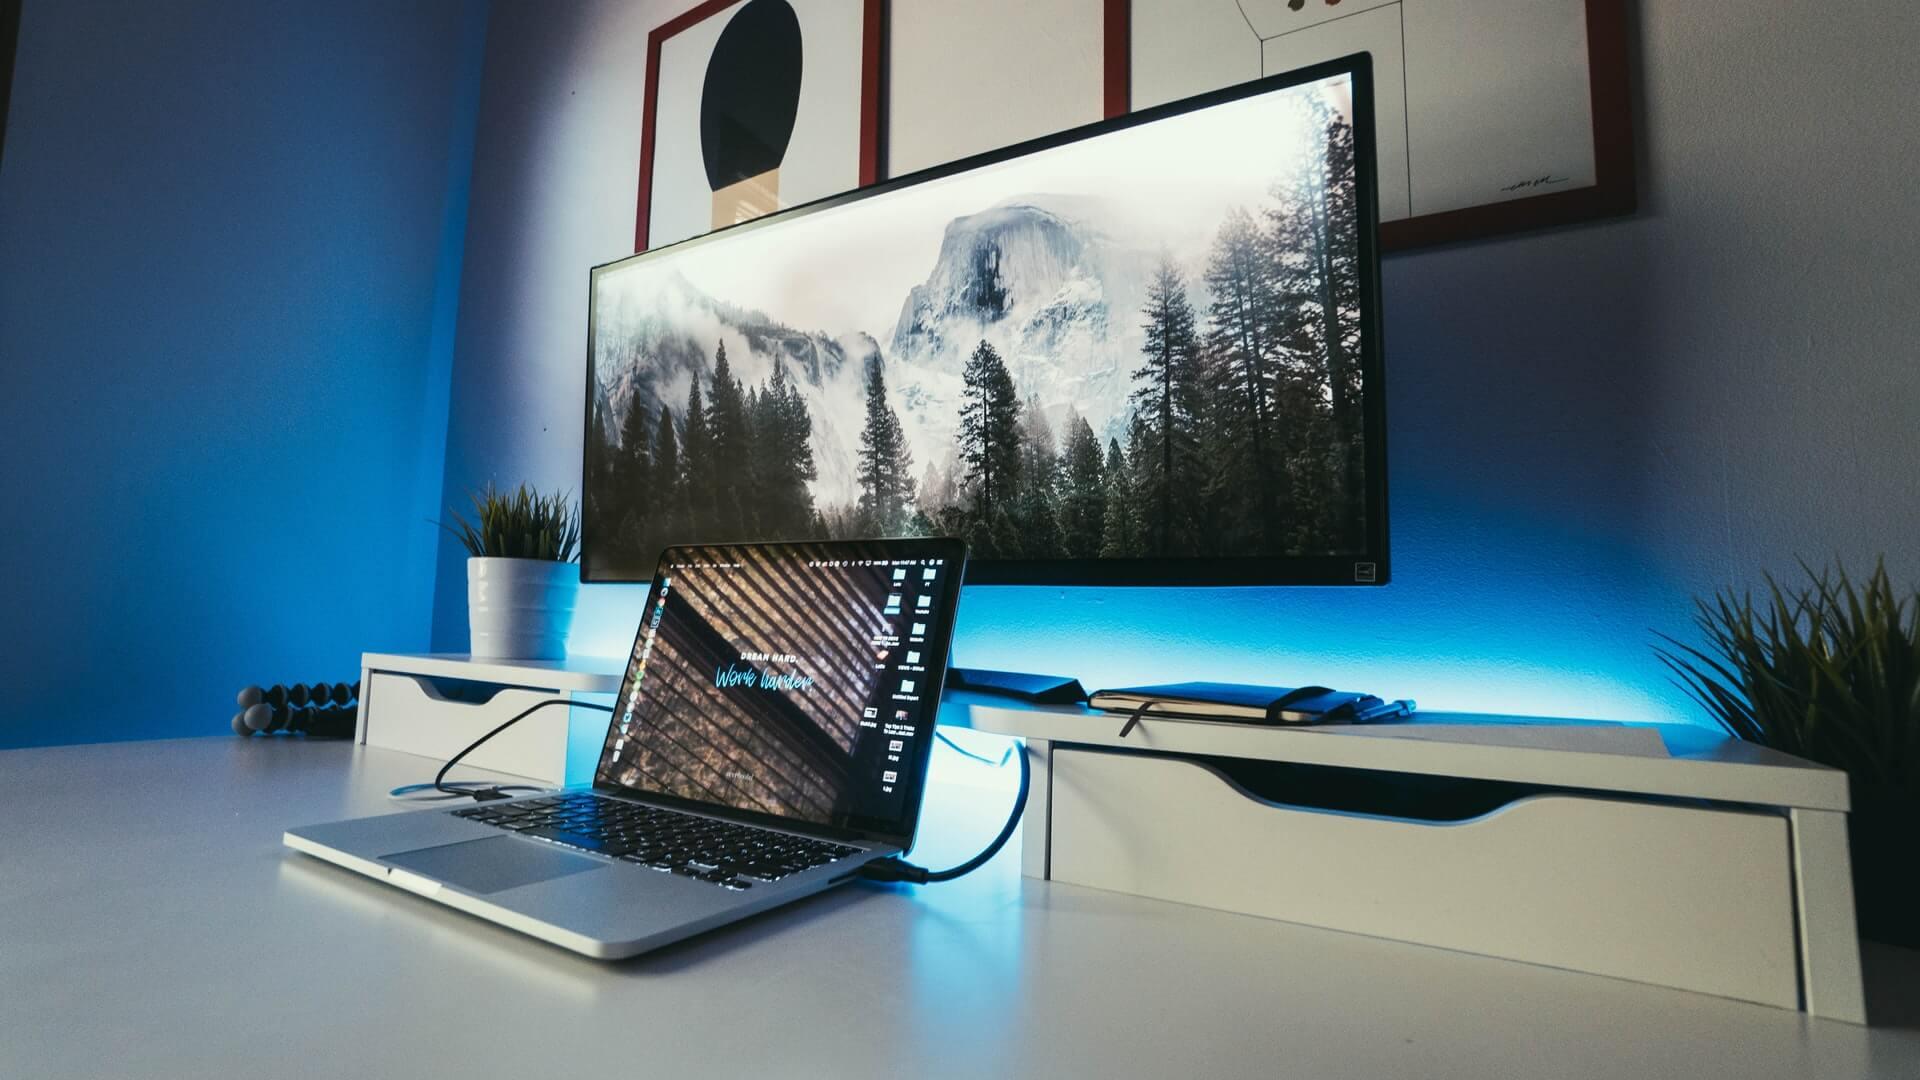 Comment connecter votre ordinateur portable à une télévision